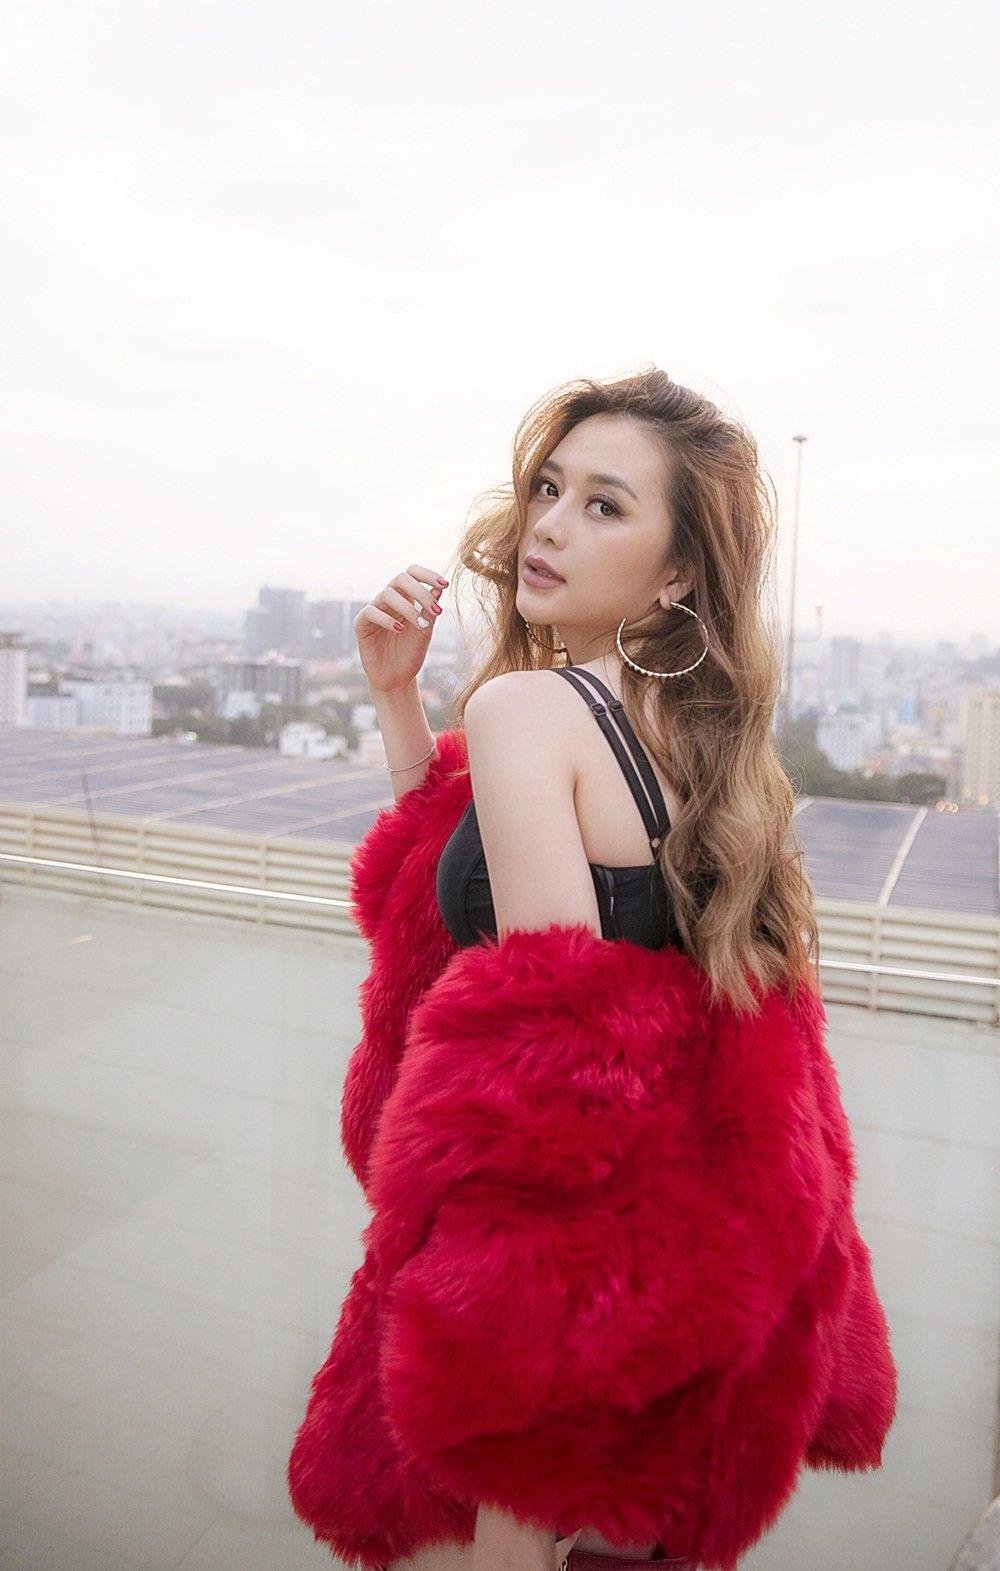 Ngôi sao - Thiều Bảo Trang đẹp 'không góc chết' trong MV Valentine nhân dịp năm mới (Hình 3).